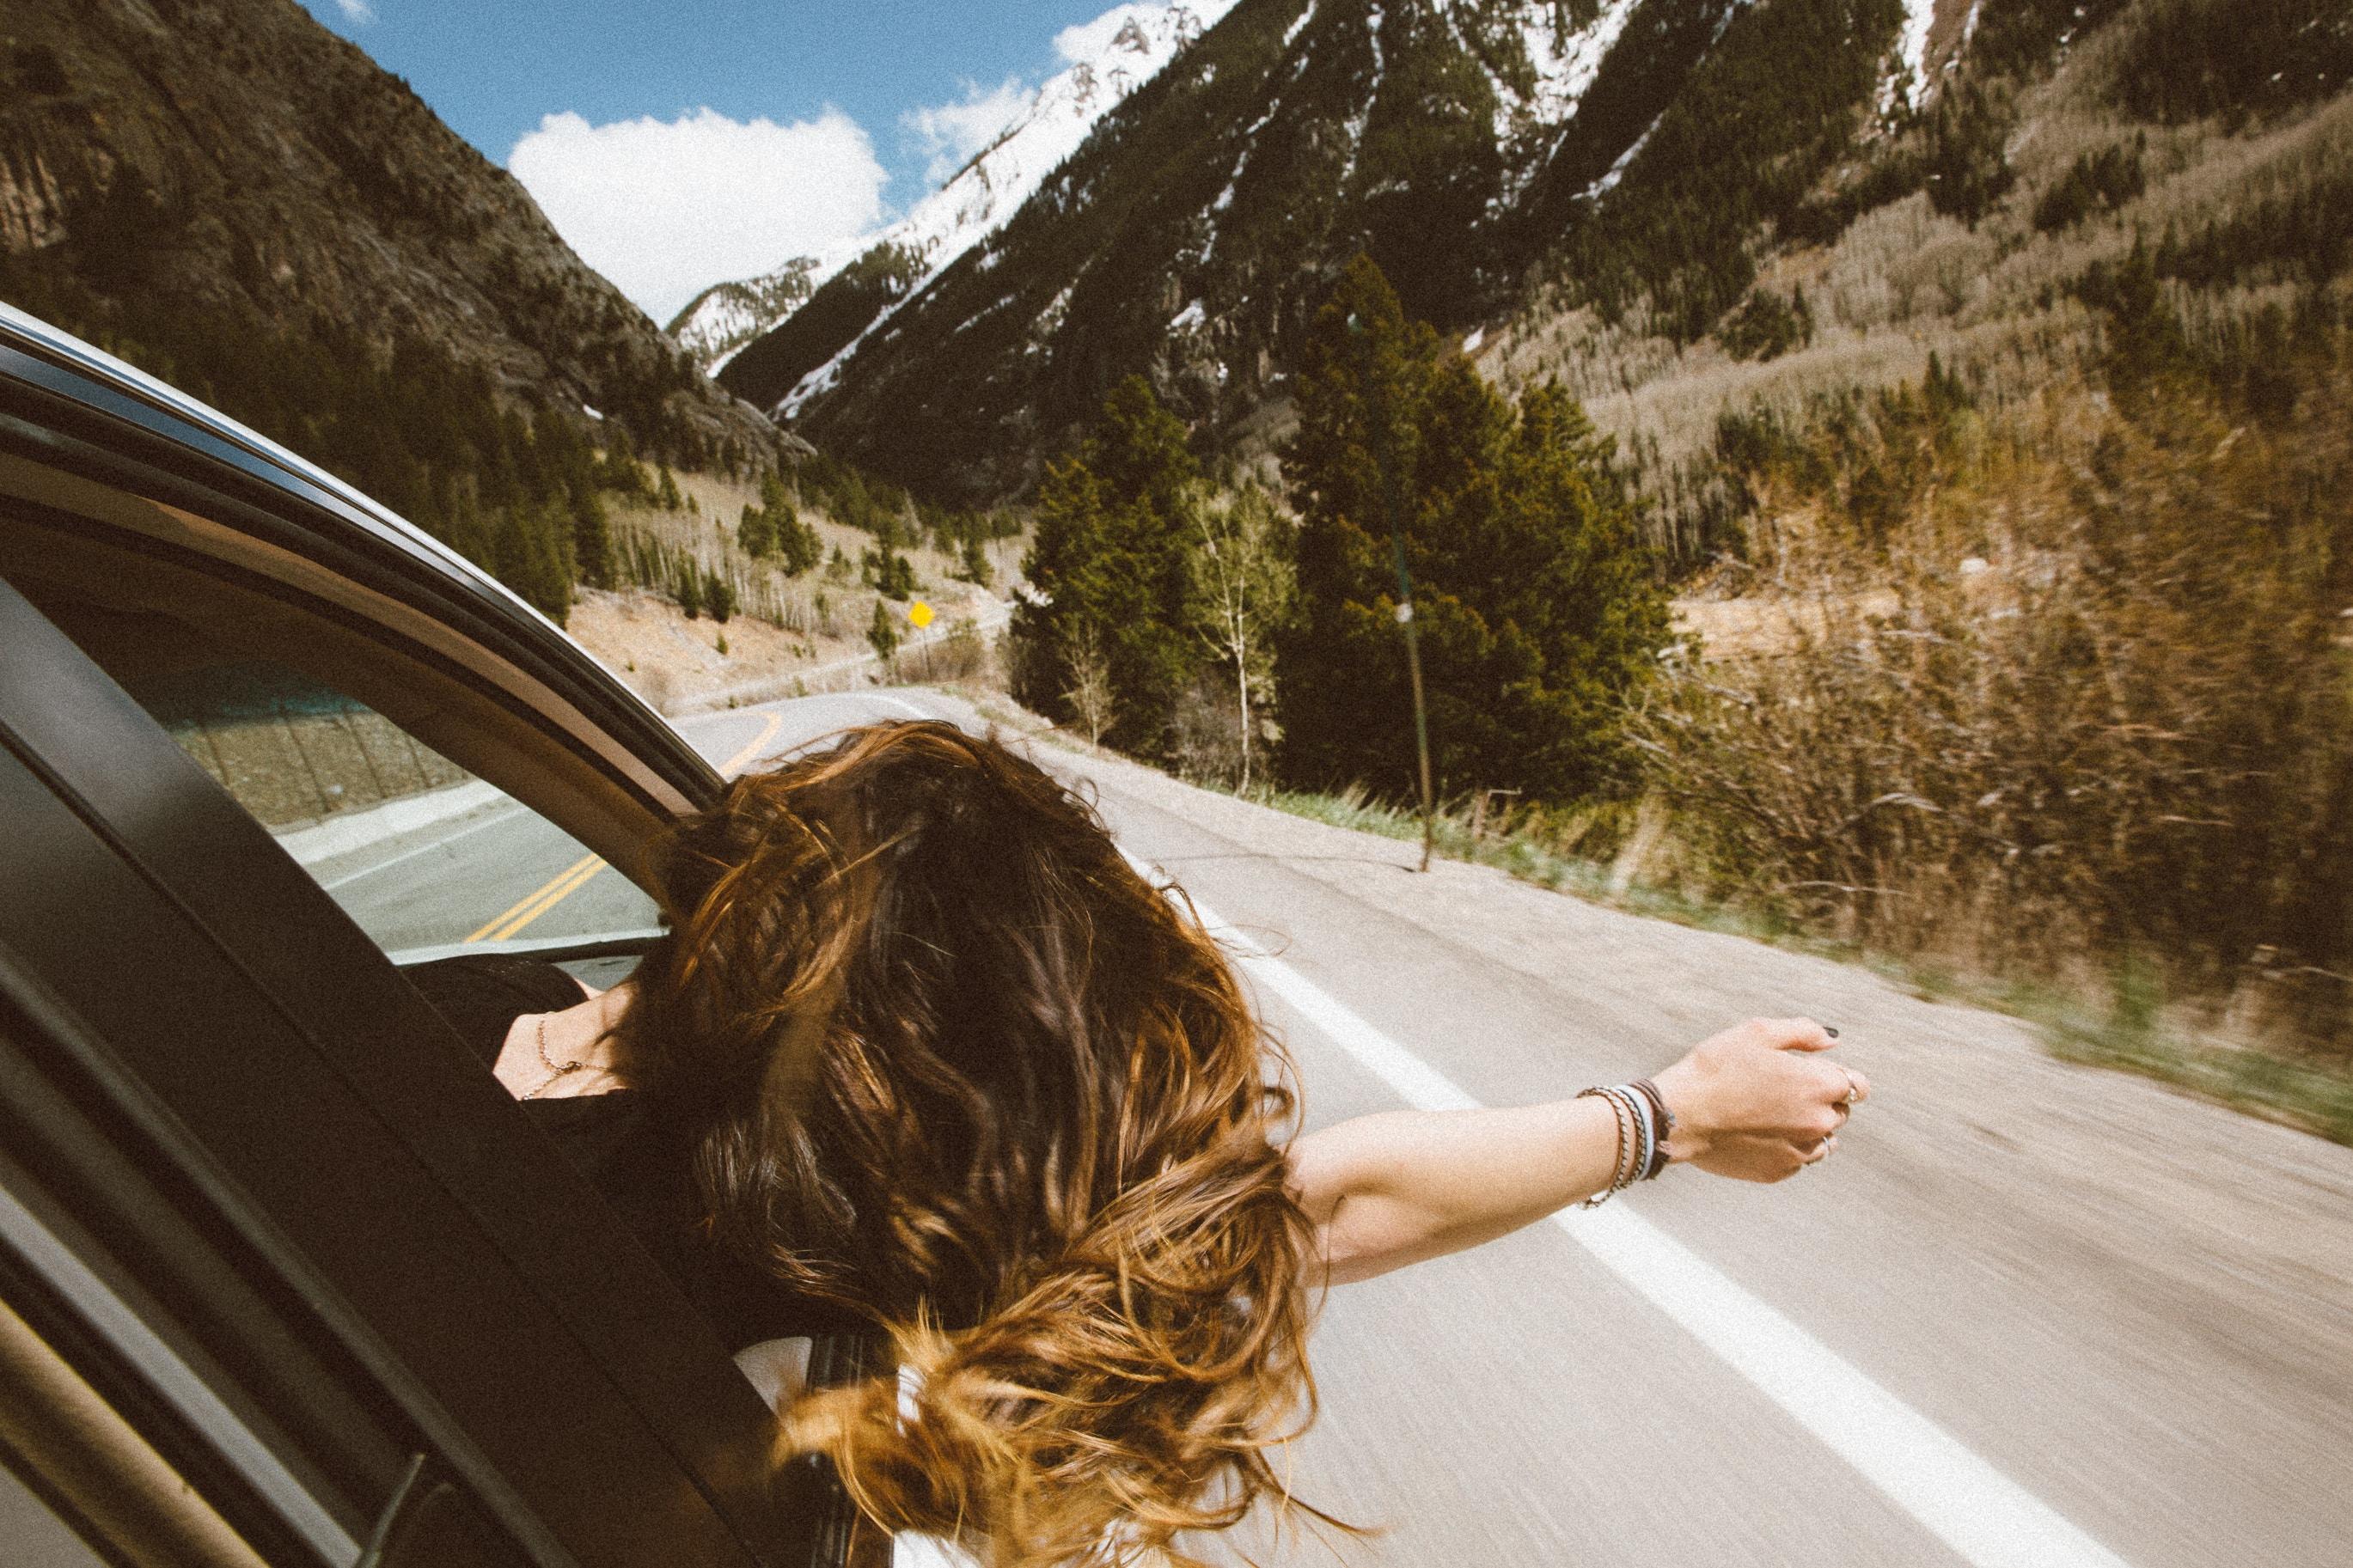 Passagère voiture cheveux au vent